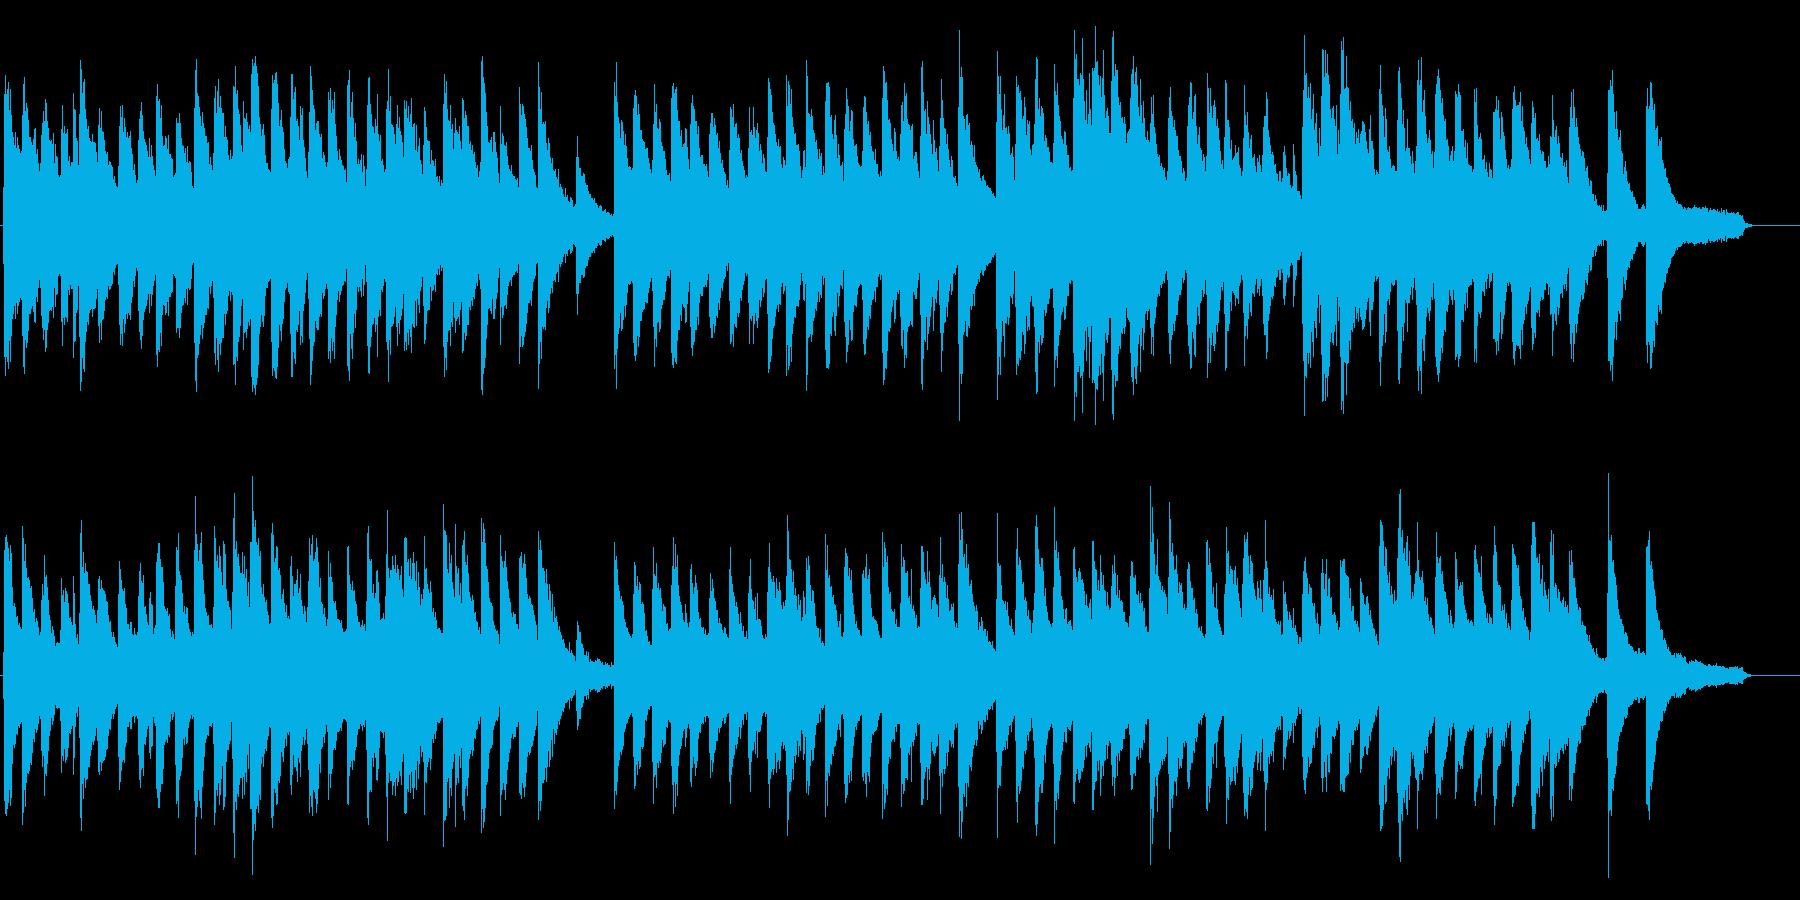 ひとりで寂しい様子を表したピアノ・ソロ曲の再生済みの波形